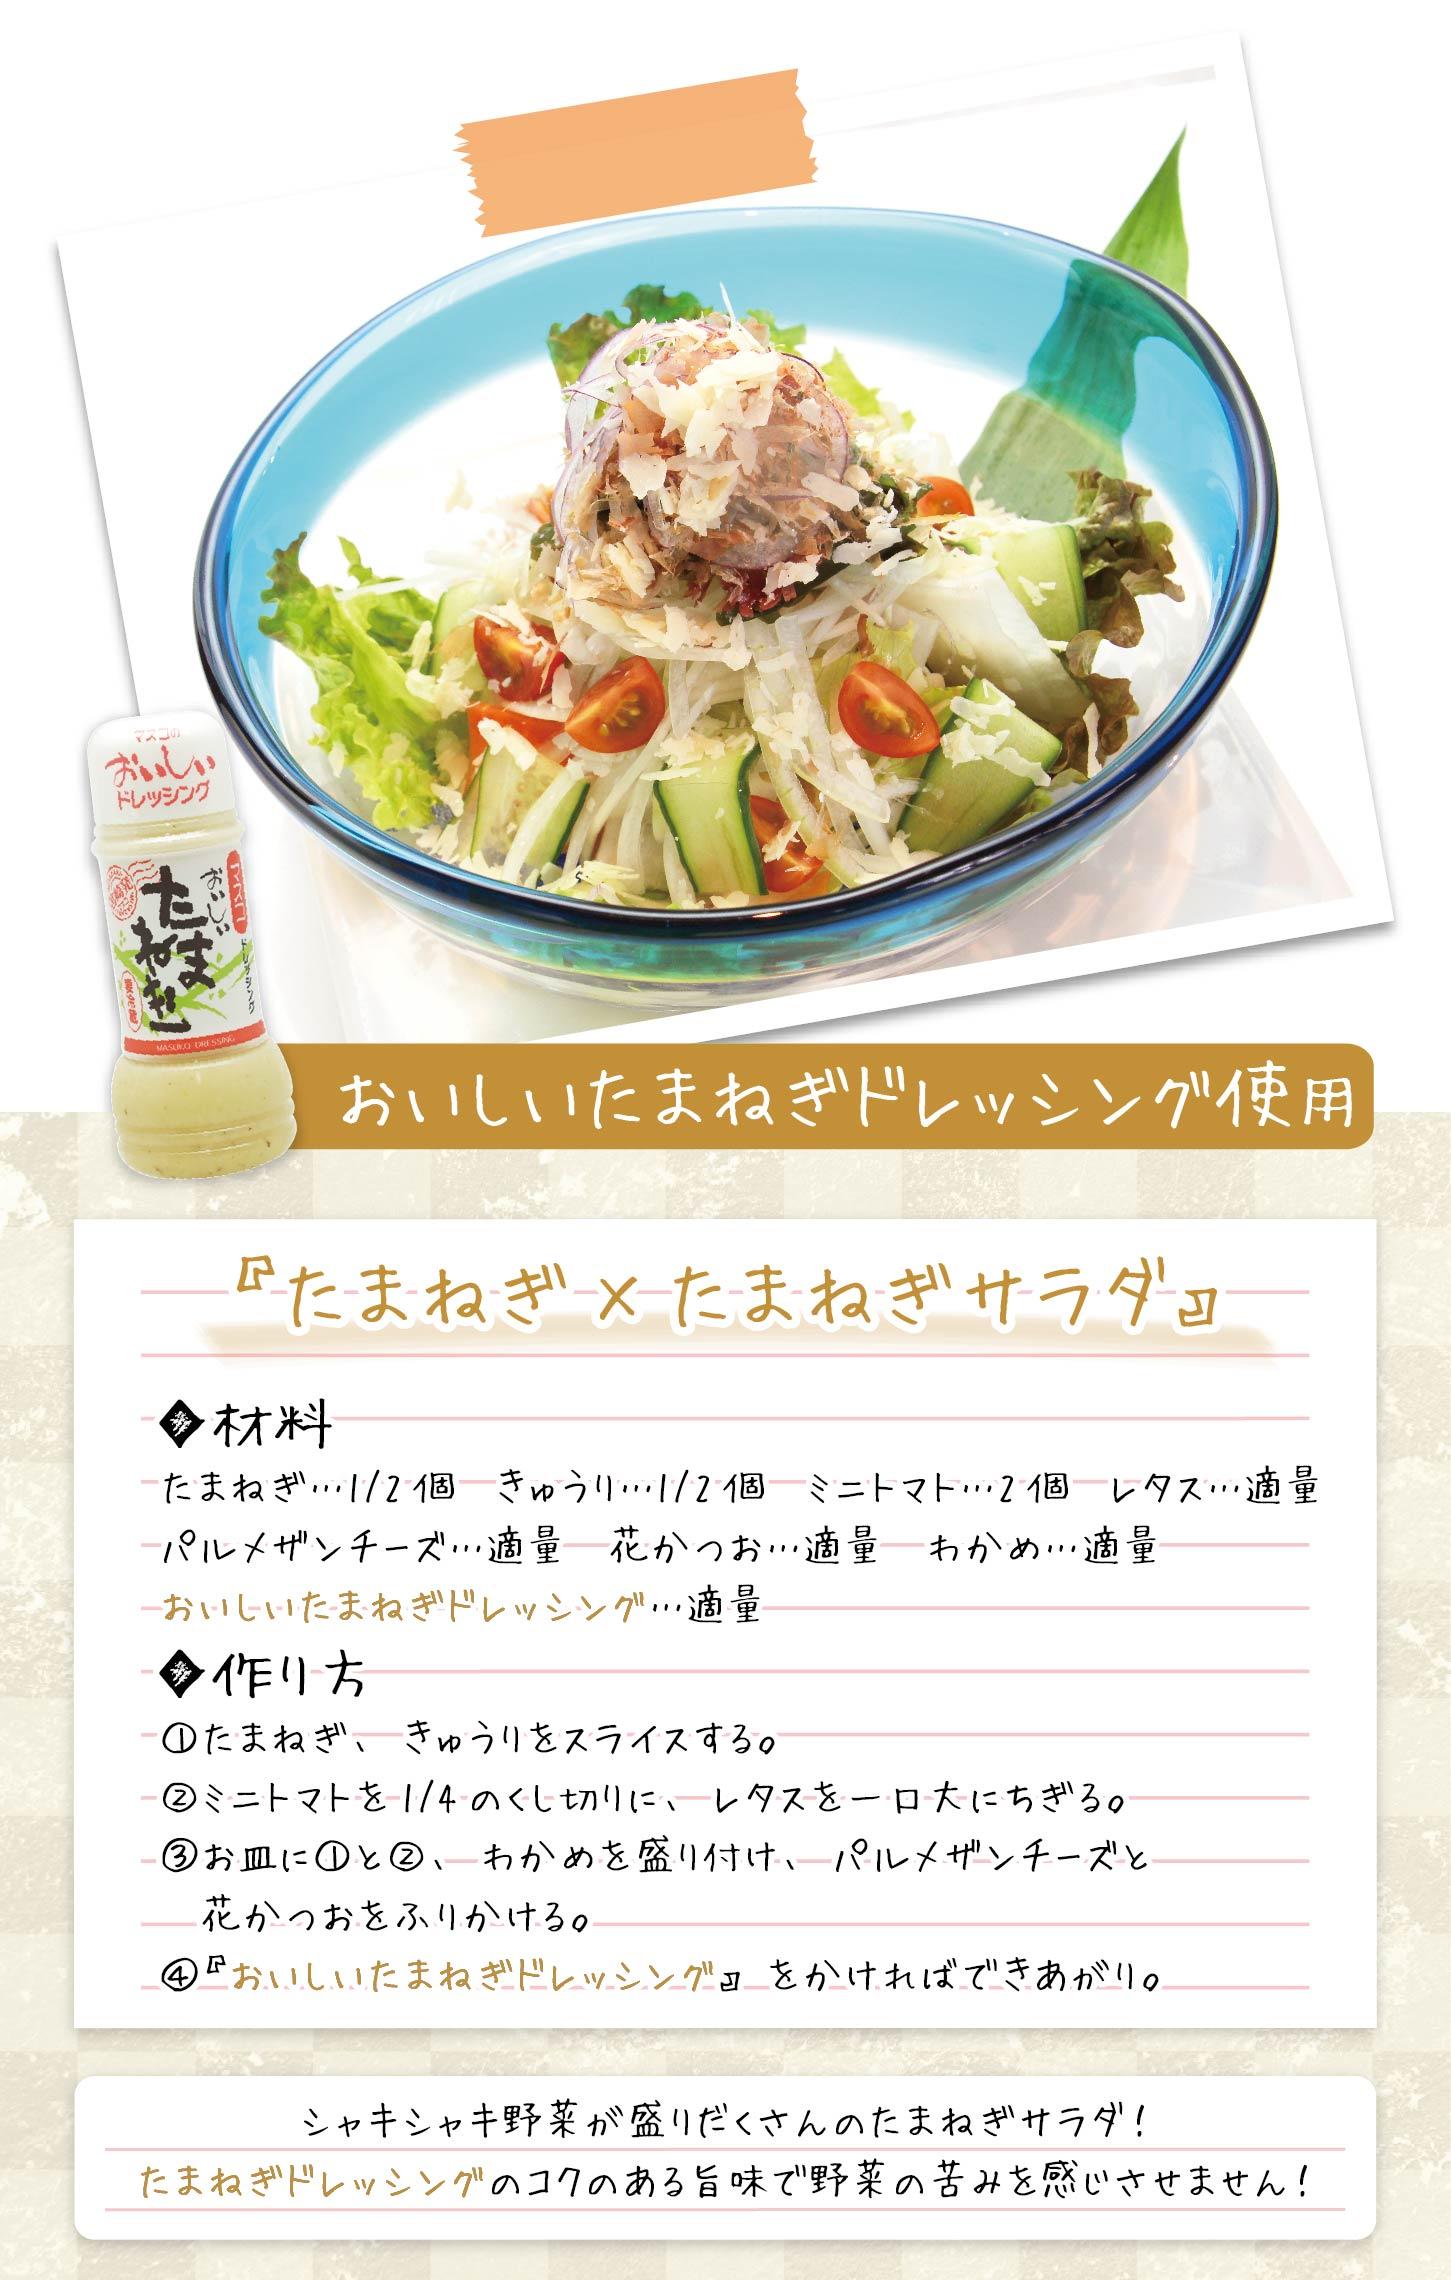 『たまねぎ×たまねぎサラダ』 ●おいしいたまねぎドレッシング使用 ◆材料 たまねぎ…1/2個 きゅうり…1/2個 ミニトマト…2個 レタス…適量 パルメザンチーズ…適量 花かつお…適量 わかめ…適量 おいしいたまねぎドレッシング…適量 ◆作り方 ①たまねぎ、きゅうりをスライスする。 ②ミニトマトを1/4のくし切りに、レタスを一口大にちぎる。 ③お皿に①と②、わかめを盛り付け、パルメザンチーズと花かつおをふりかける。 ④『おいしいたまねぎドレッシング』をかければできあがり。